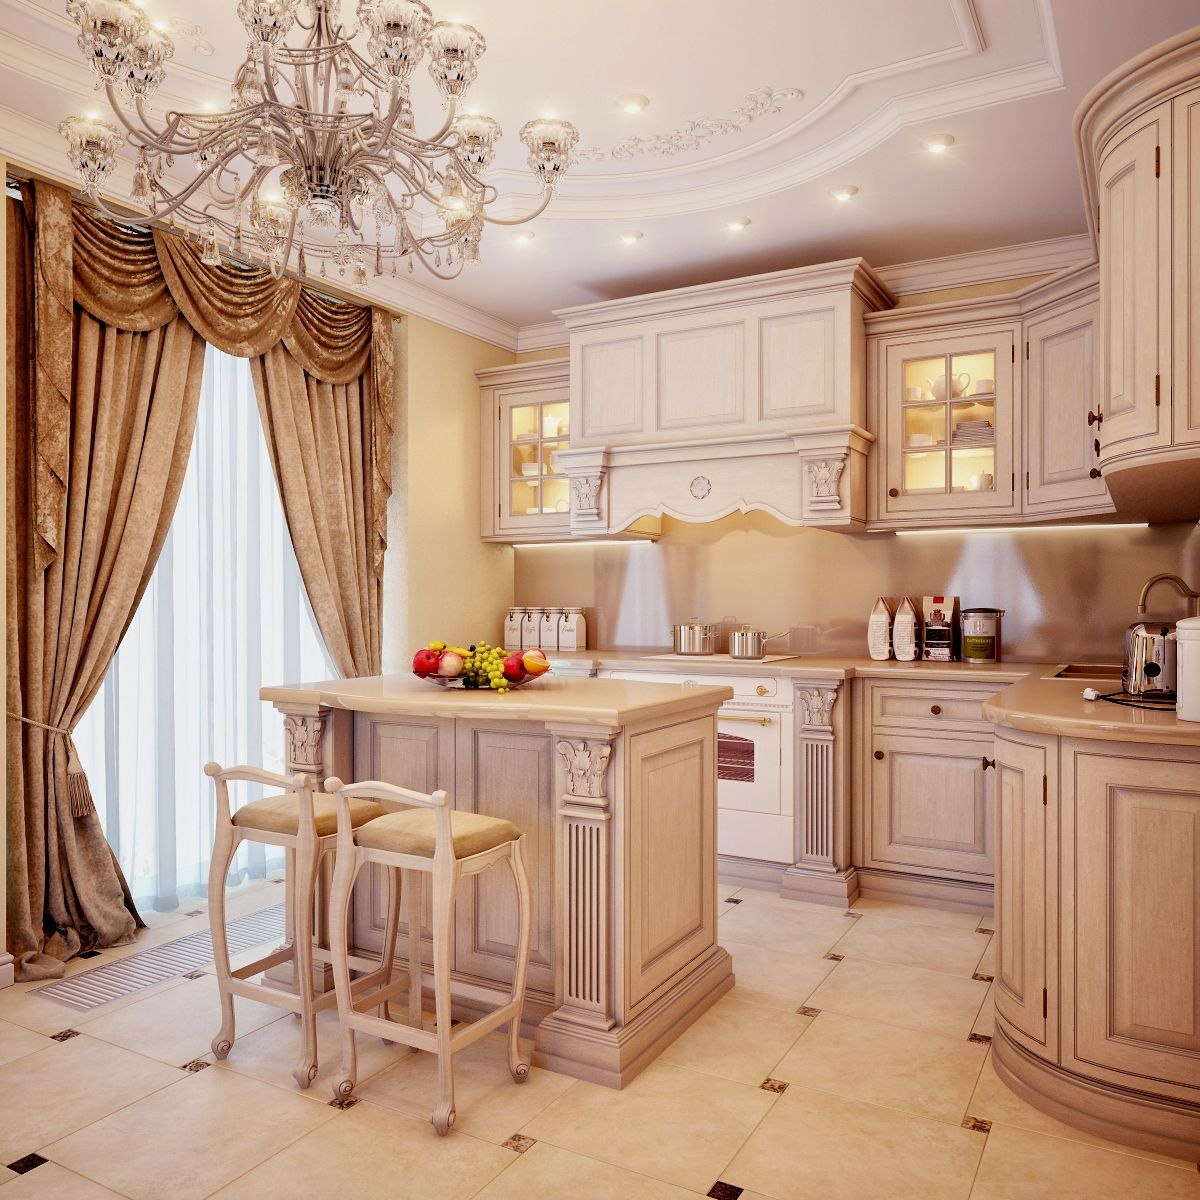 cozinha vitoriana   casa decoração   Pinterest